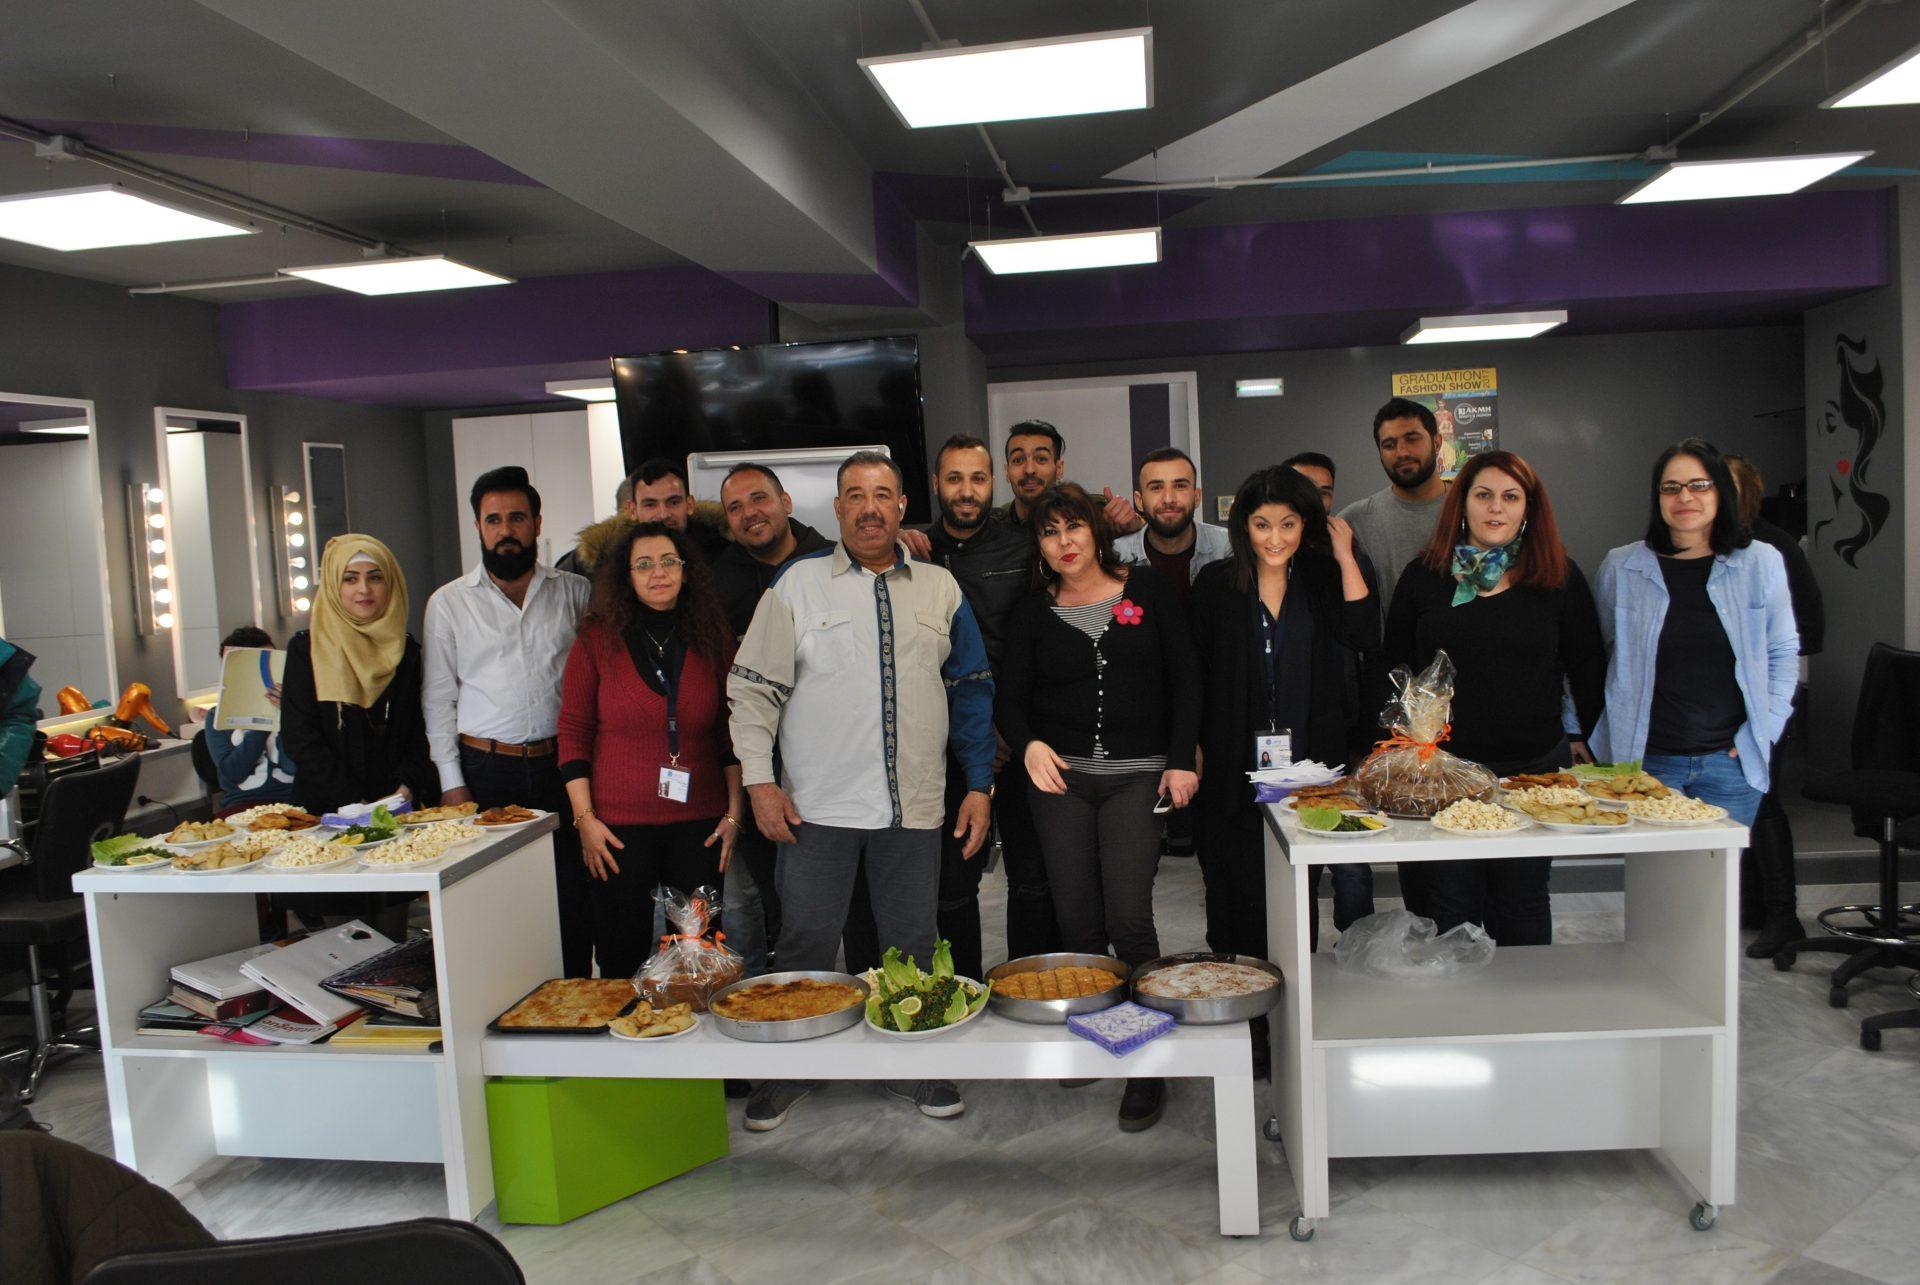 Γιορτή για τη λήξη των μαθημάτων κομμωτικής στη Θεσσαλονίκη